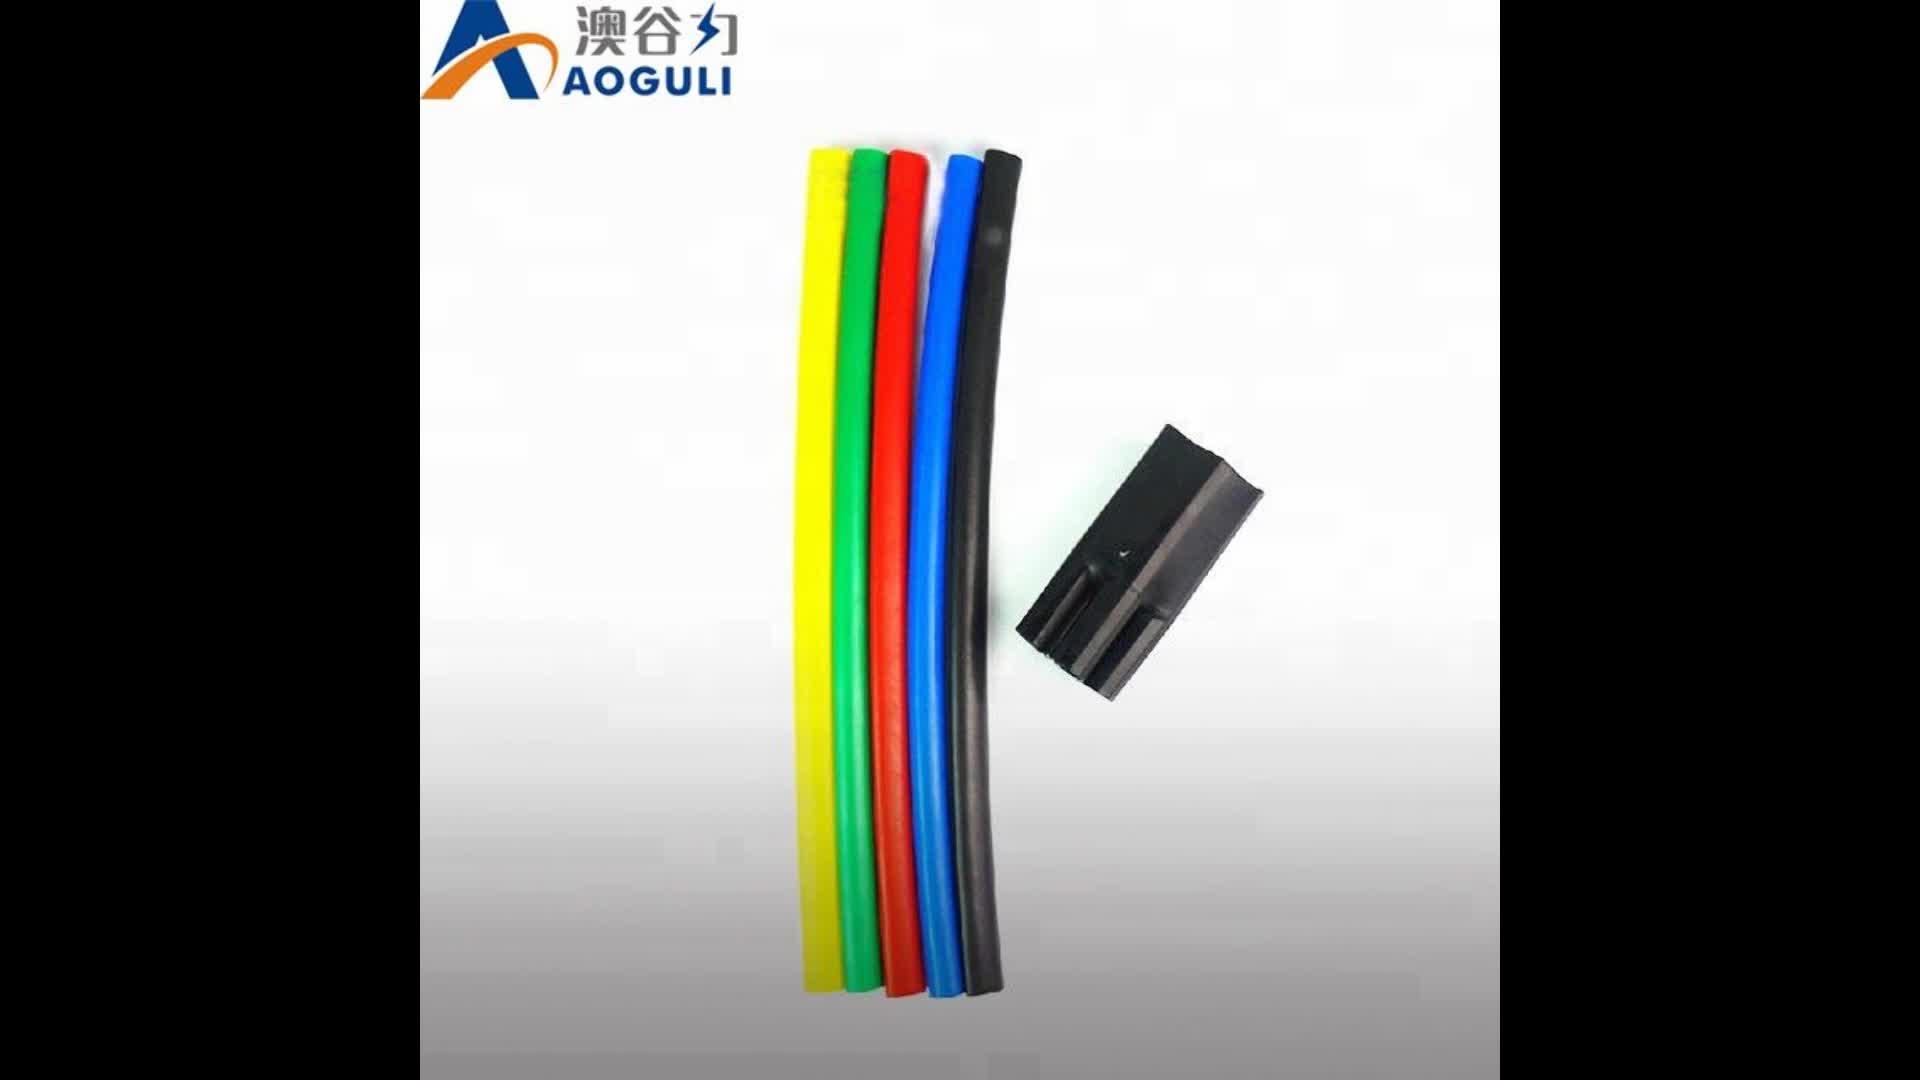 Beste Kwaliteit krimpkous voor kabel opzeggingen/krimpkous mouwen